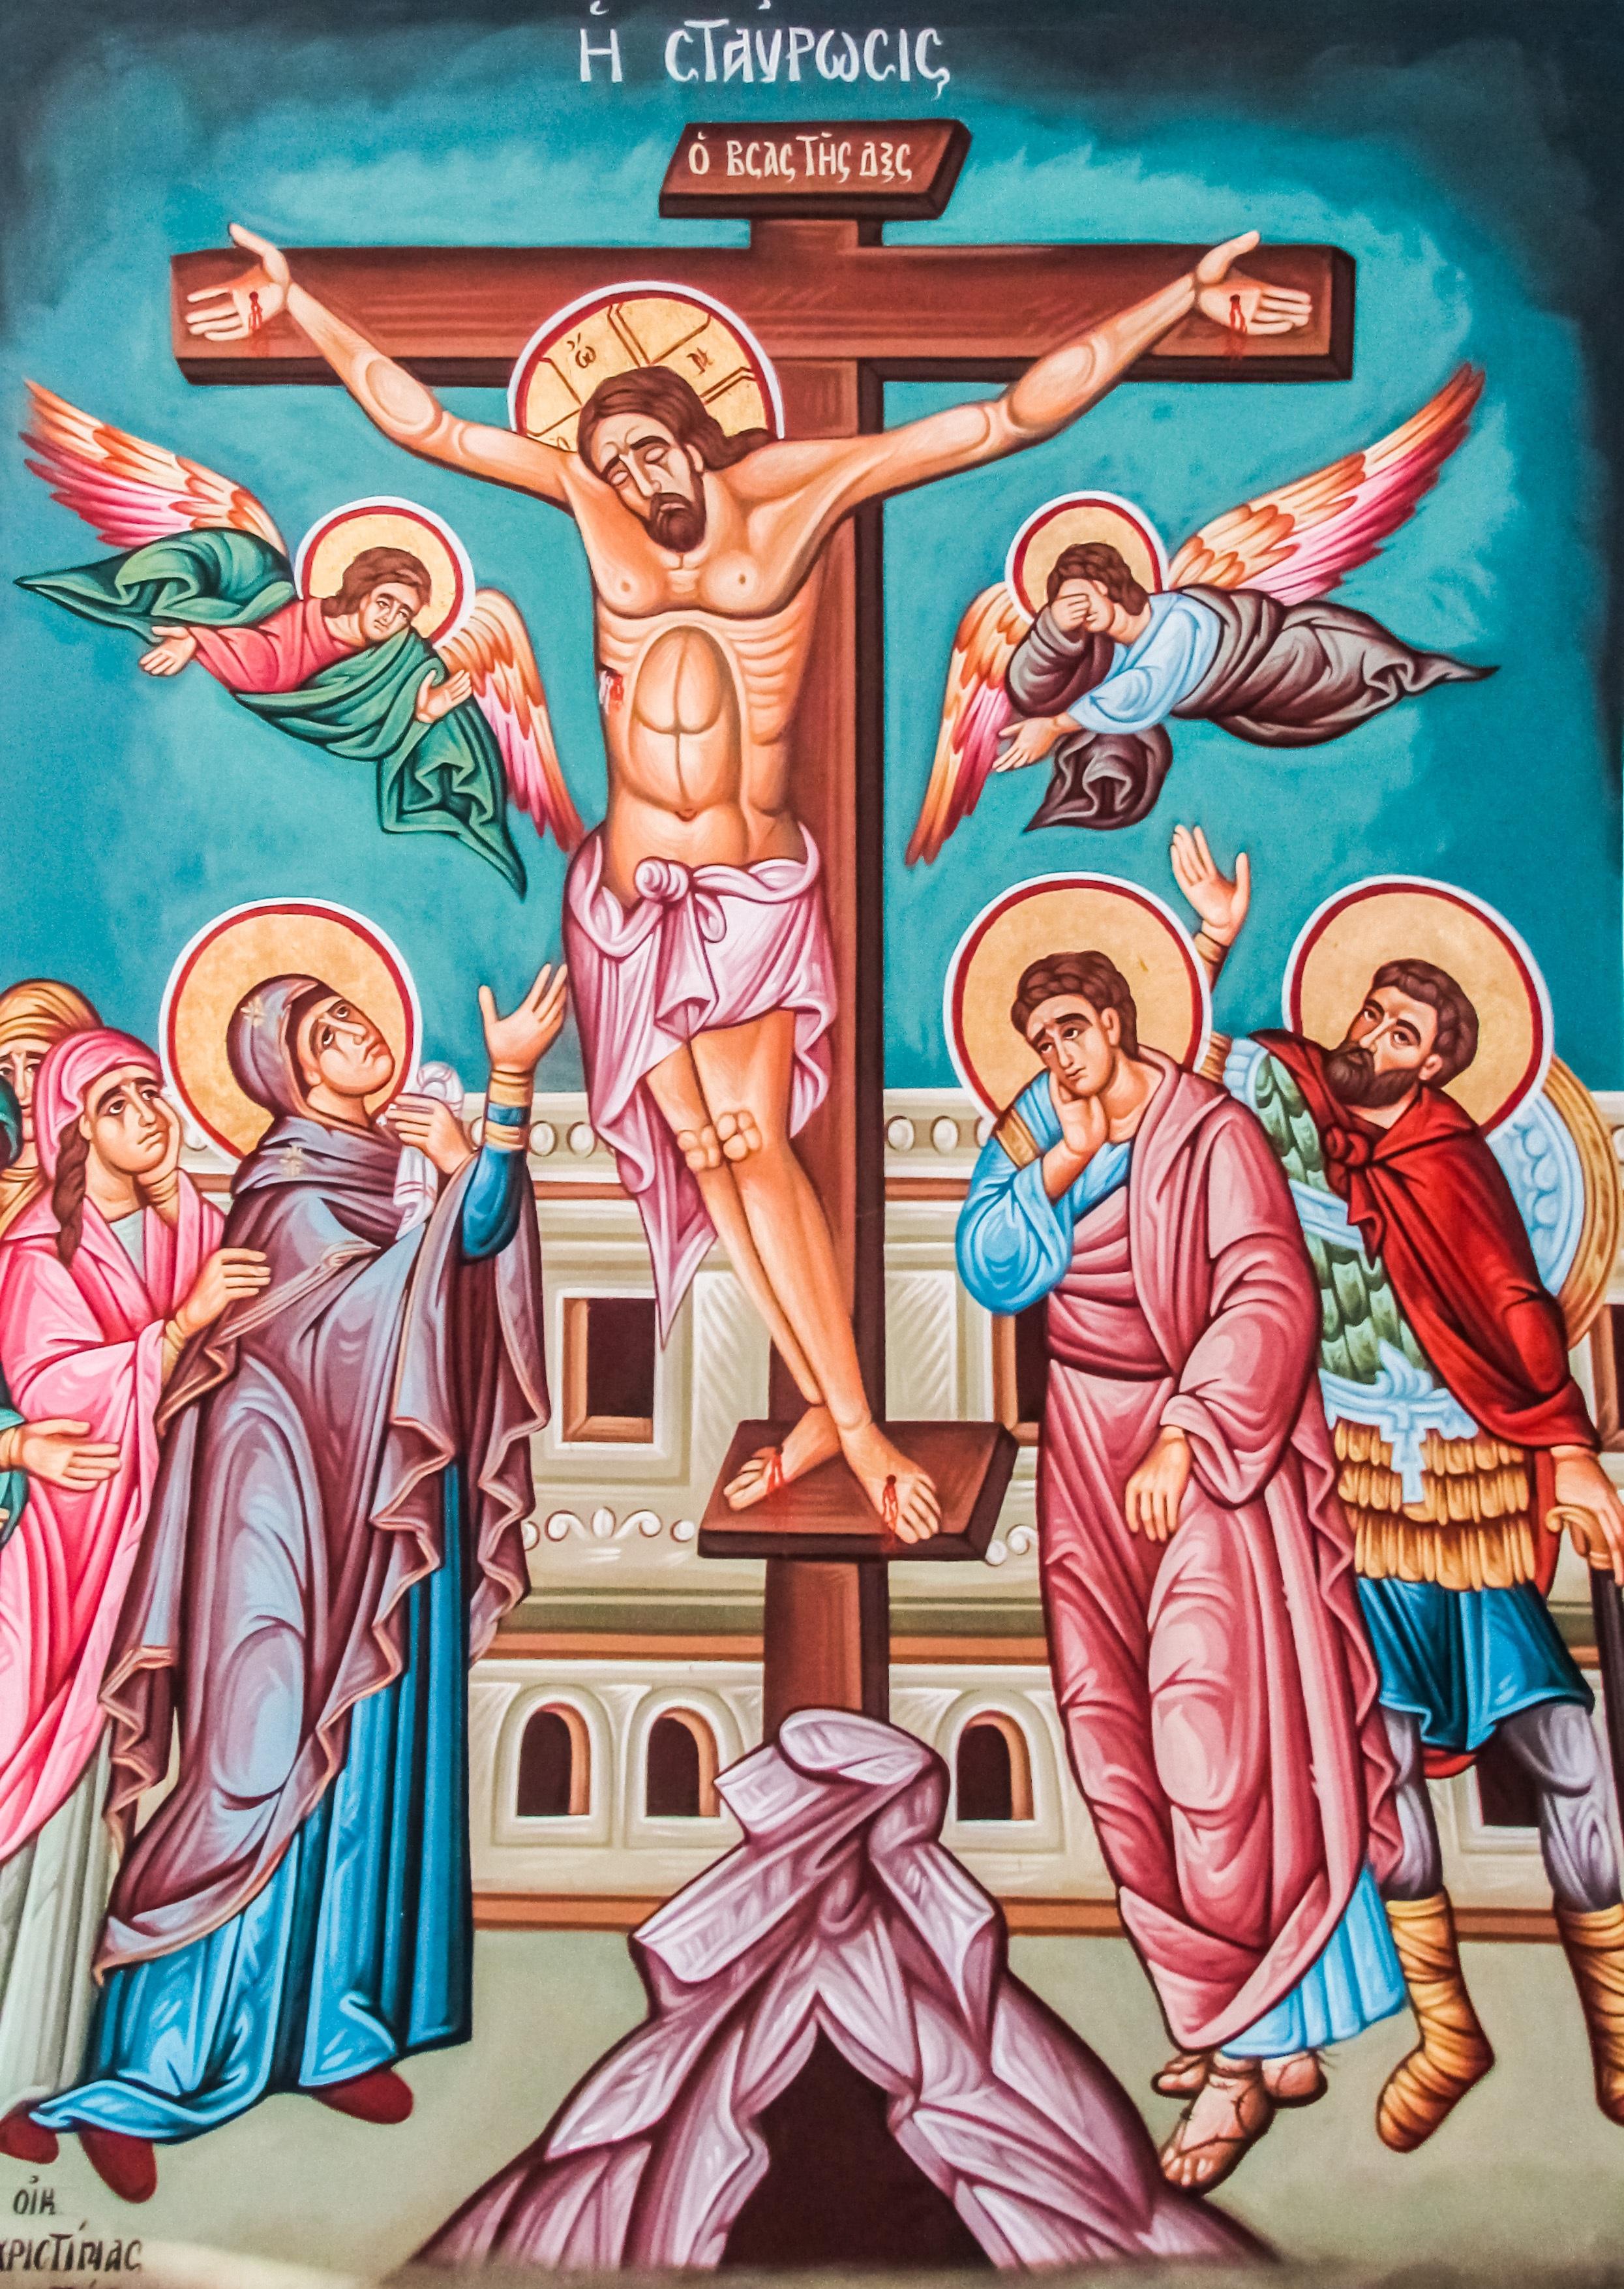 Gambar Gereja Lukisan Fiksi Ilustrasi Ikonografi Kekristenan